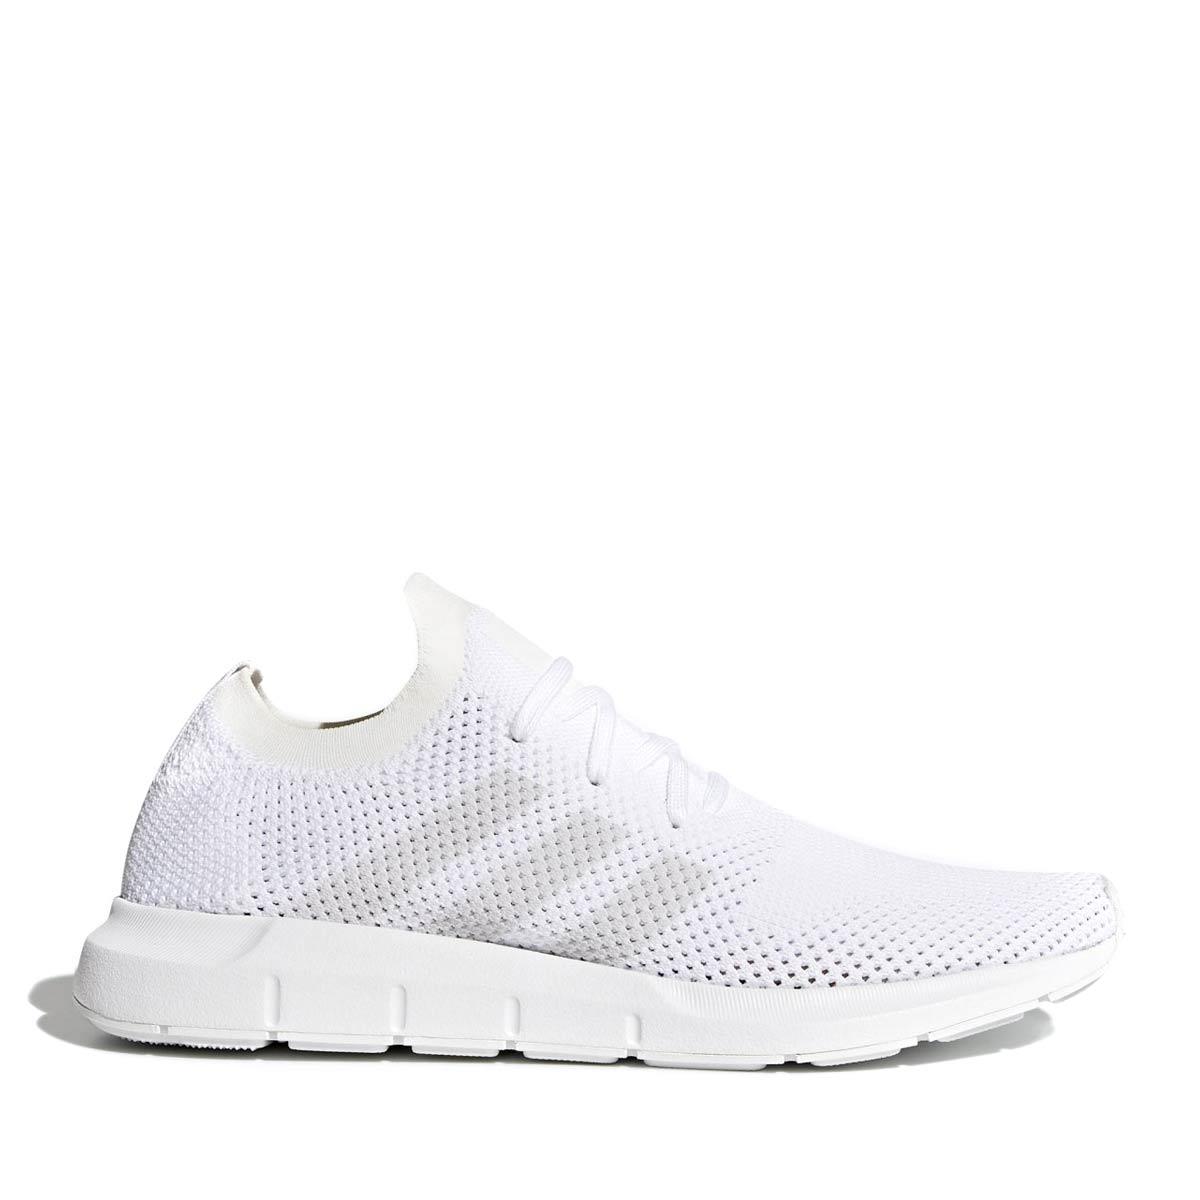 adidas Originals SWIFT RUN PK (アディダス オリジナルス スウィフト ラン PK) Running White/Grey/Running White【メンズ スニーカー】18SS-I